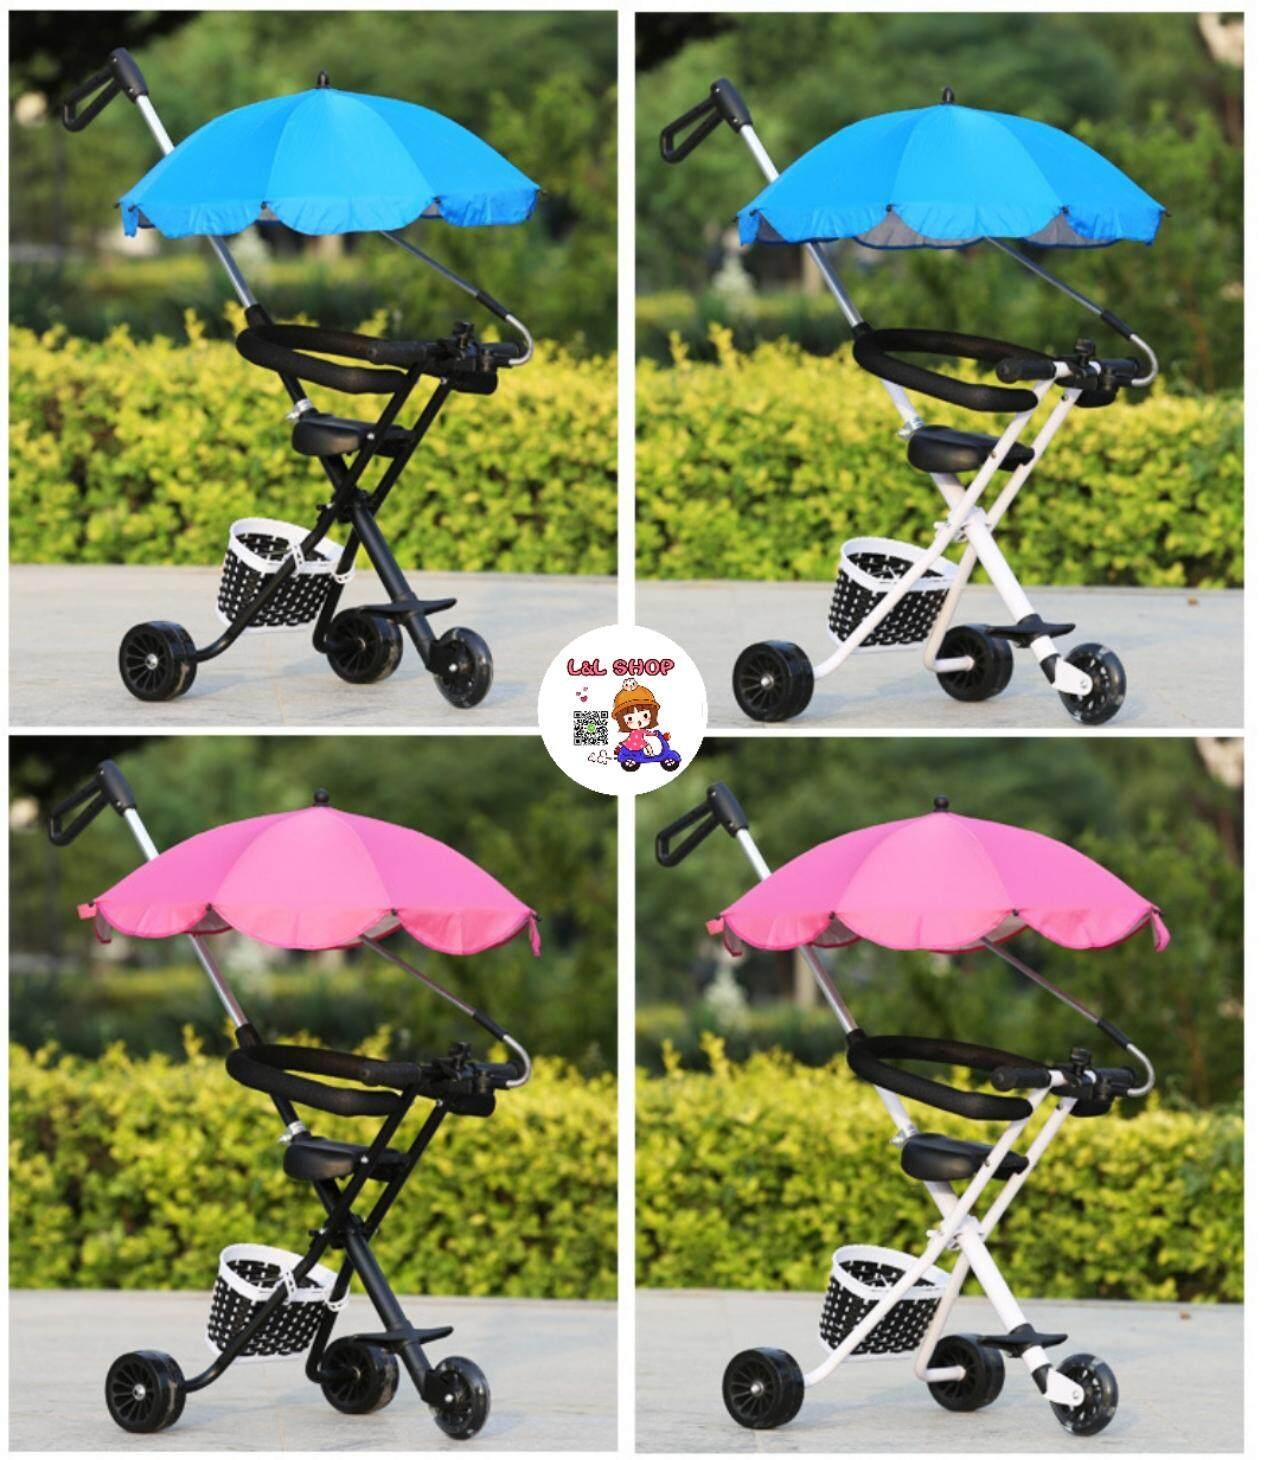 คูปอง Unbranded/Generic อุปกรณ์เสริมรถเข็นเด็ก Winter Cotton Seat Pad for Baby Stroller Accessories Mattress in มีคูปองส่วนลด